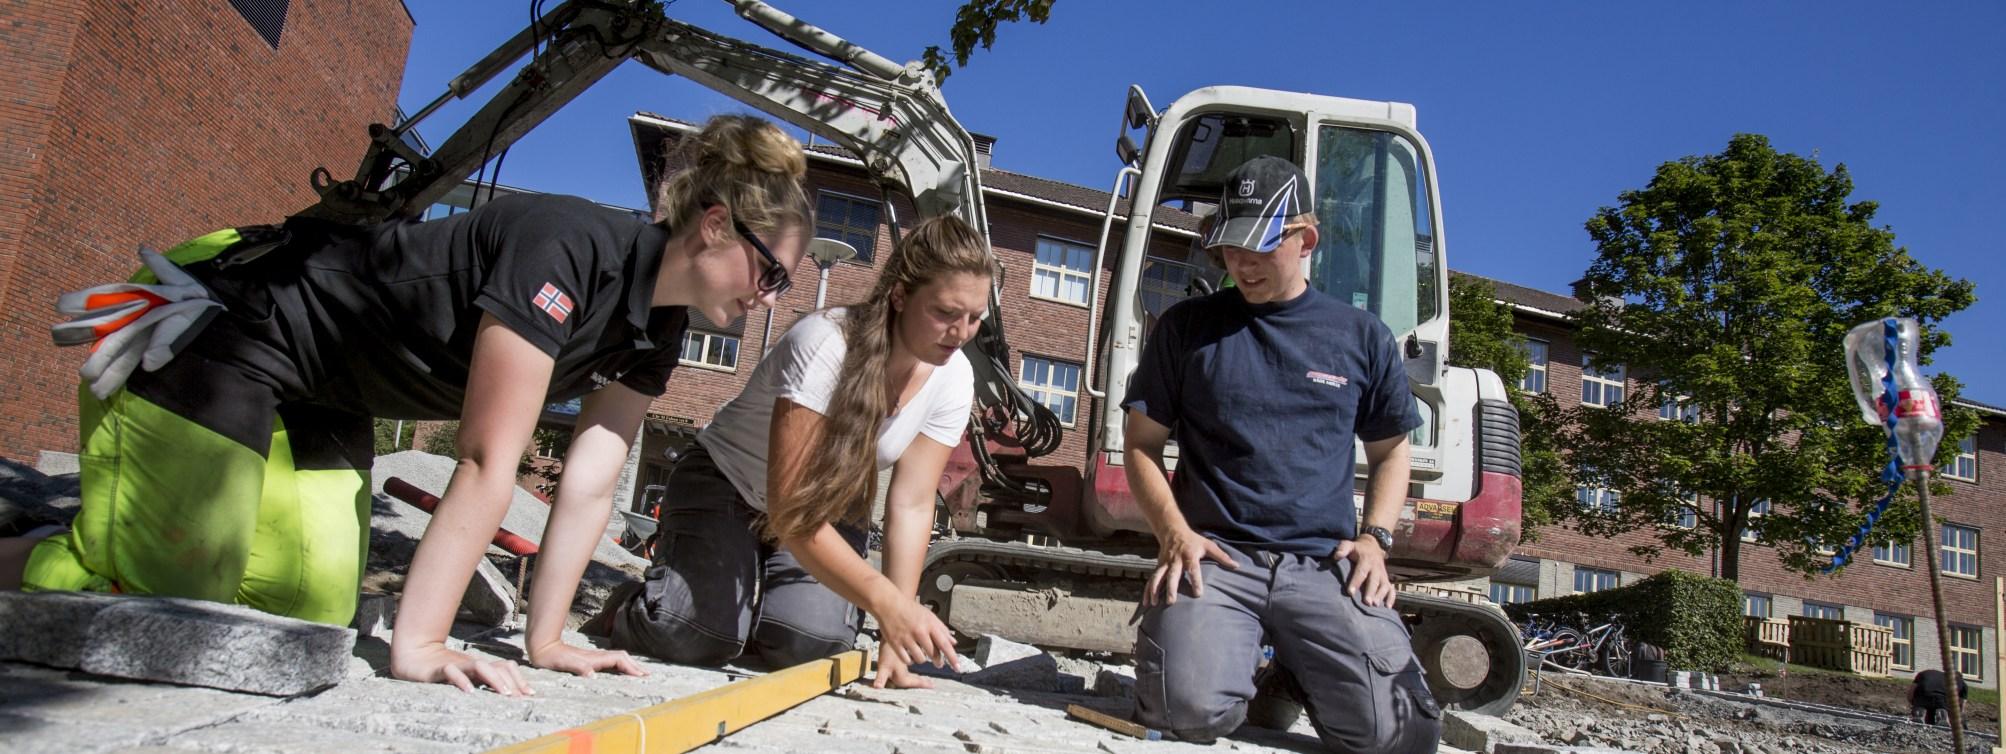 Studenter i arbeid på campus.